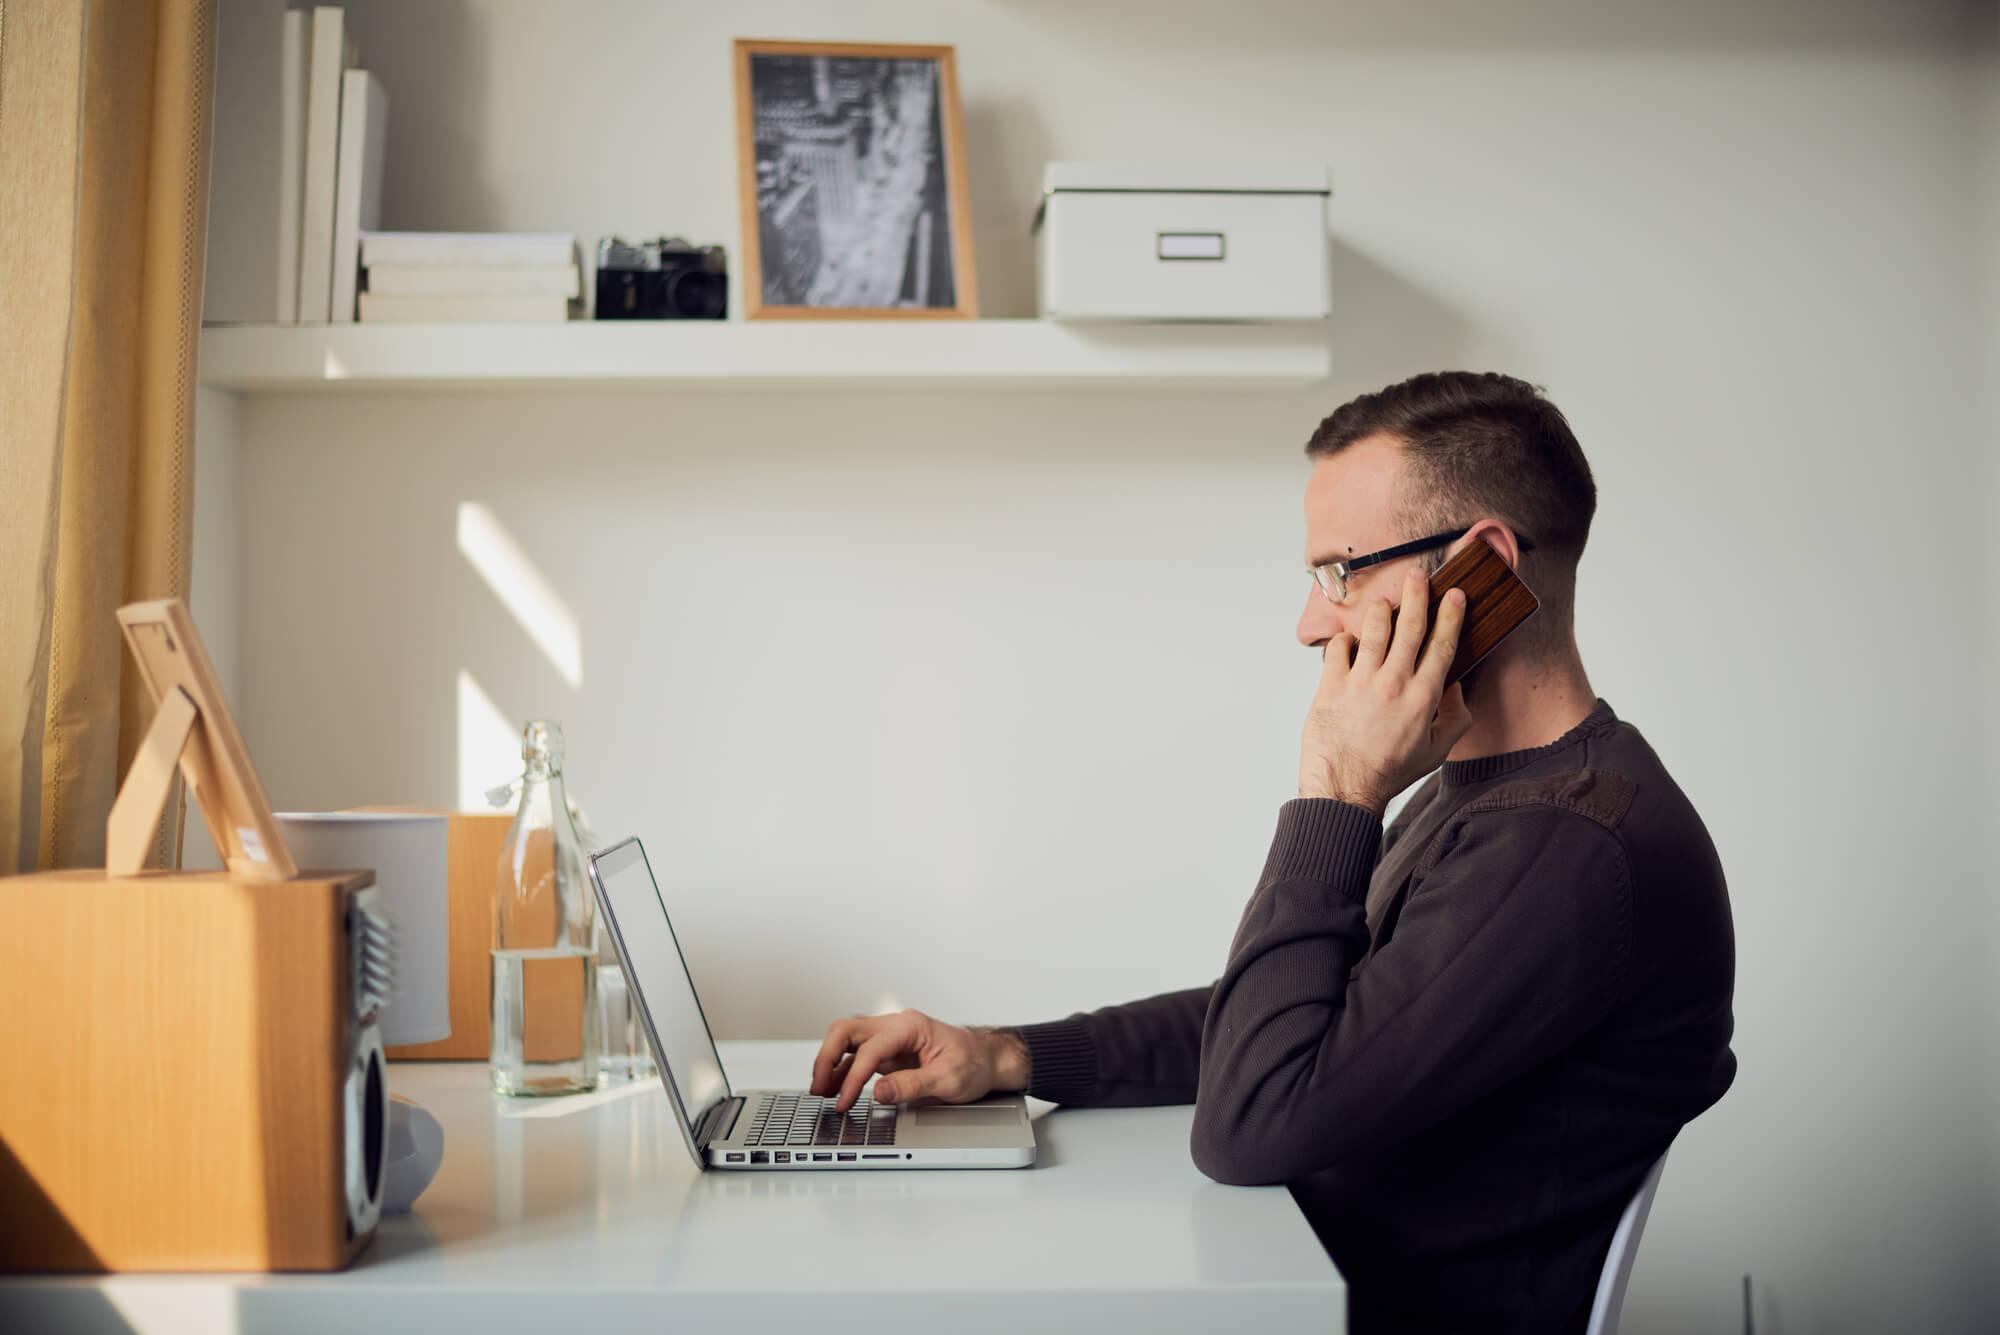 Conheça 5 ideias incríveis para montar um home office barato e produtivo